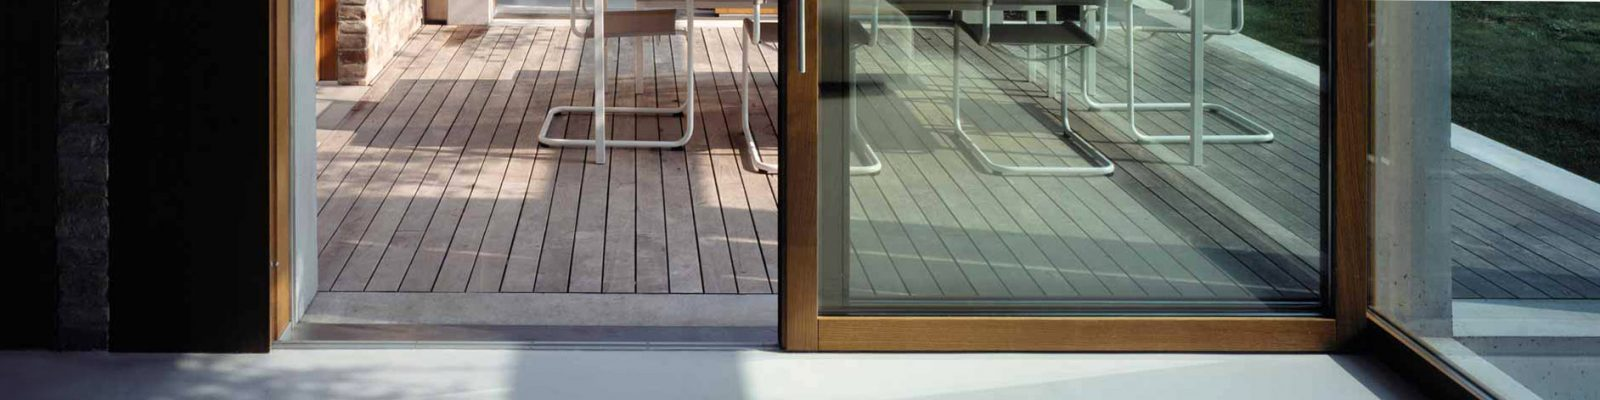 Détail d'une porte coulissante en bois avec finition huilée